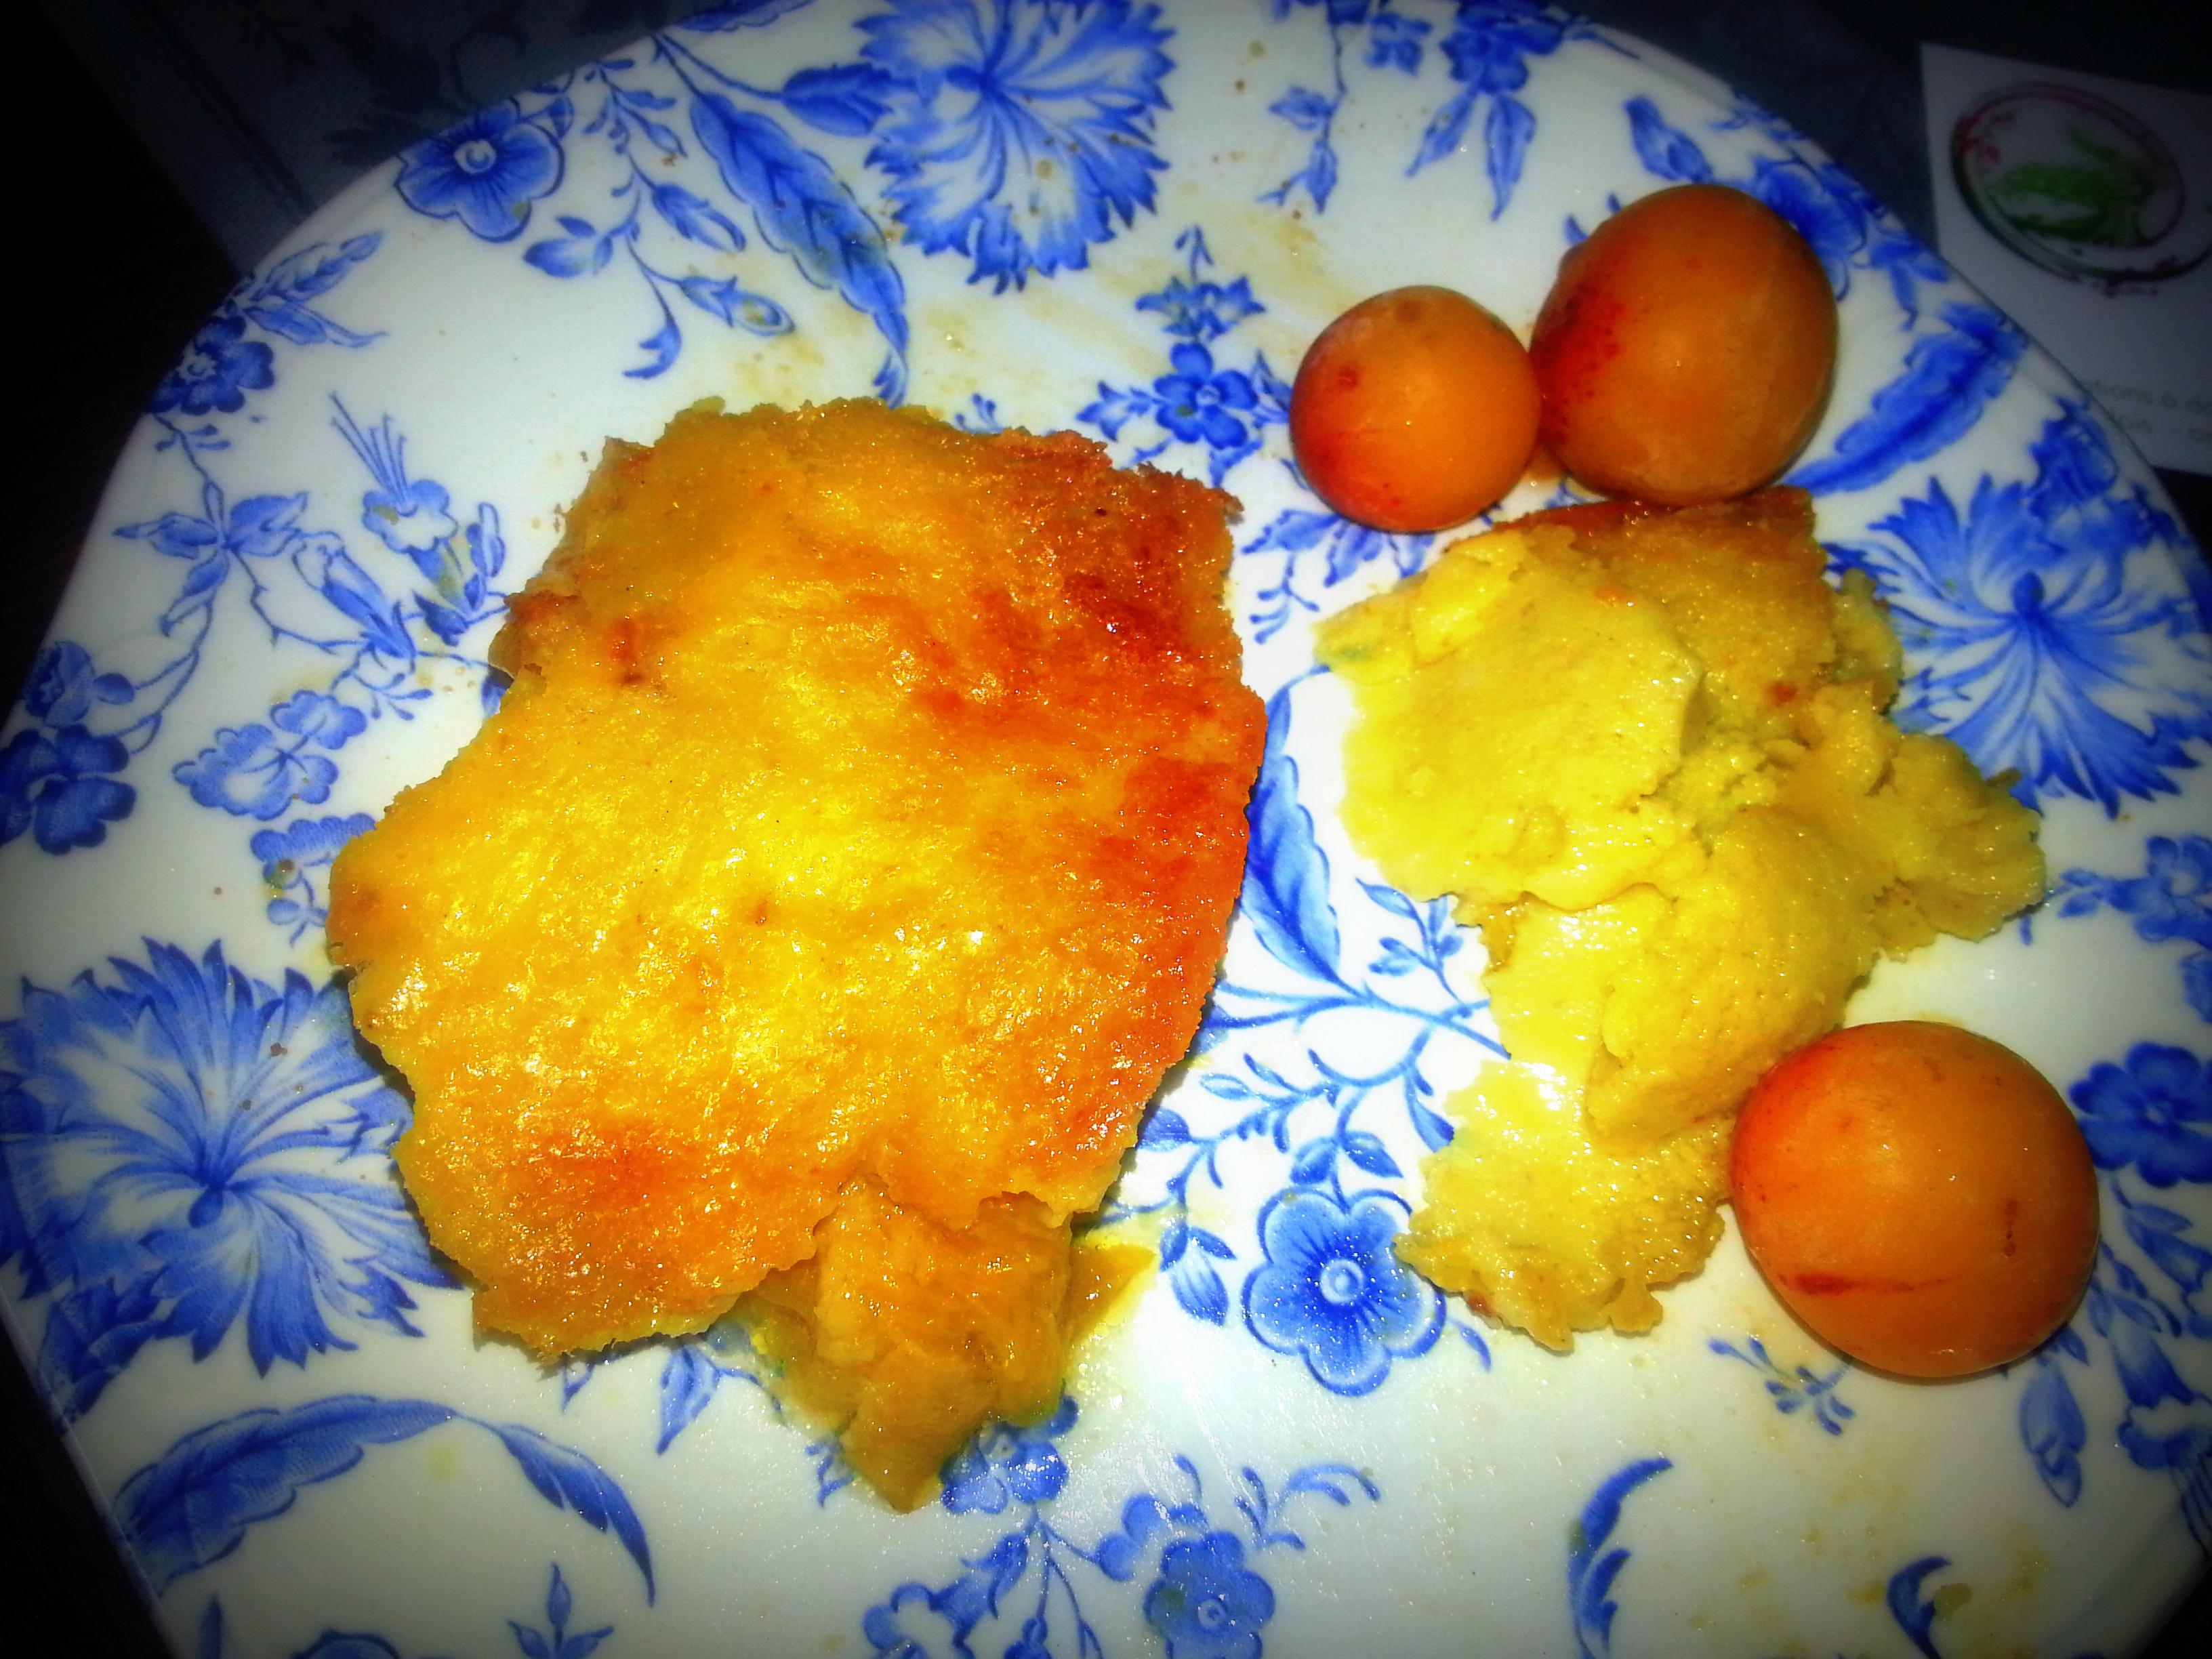 La mirabelle est riche en fibres et en béta-carotènes, et elle est peu calorique. C'est un fruit santé en nutrithérapie, bon appétit!